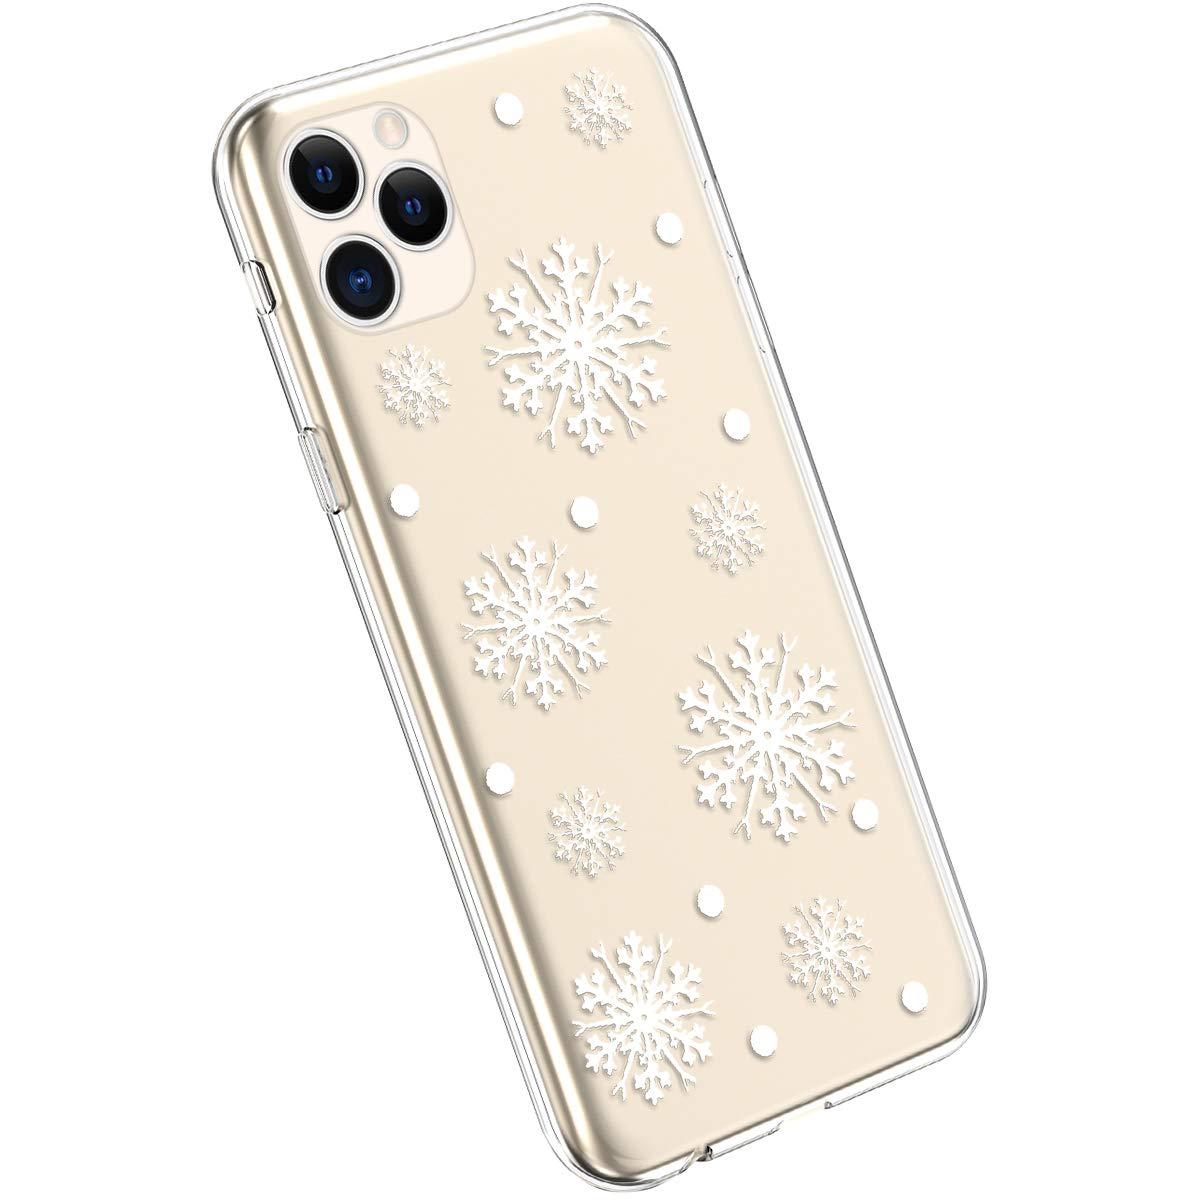 MoreChioce kompatibel mit iPhone 11 Pro H/ülle,iPhone 11 Pro Handyh/ülle,Durchsichtig Silikon Etui Christmas Weihnachten Schneeflocke Hirsch Muster Transaparent TPU Bumper,Schneeflocke